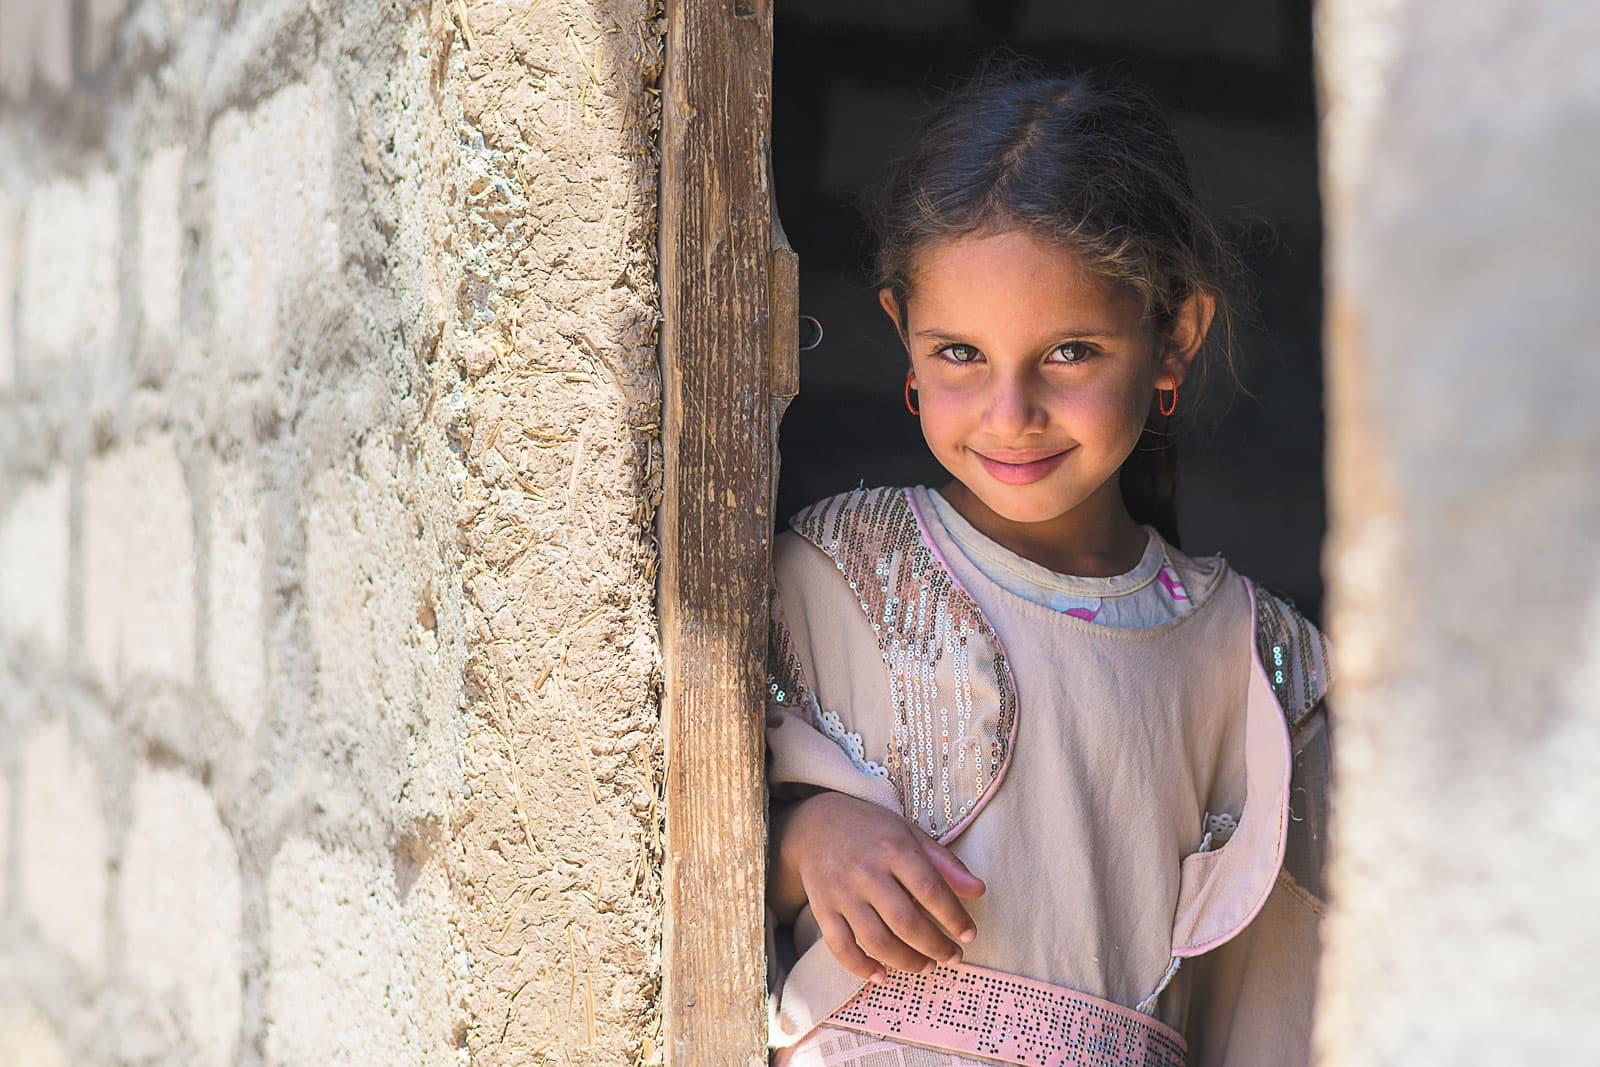 an Iraqi girl